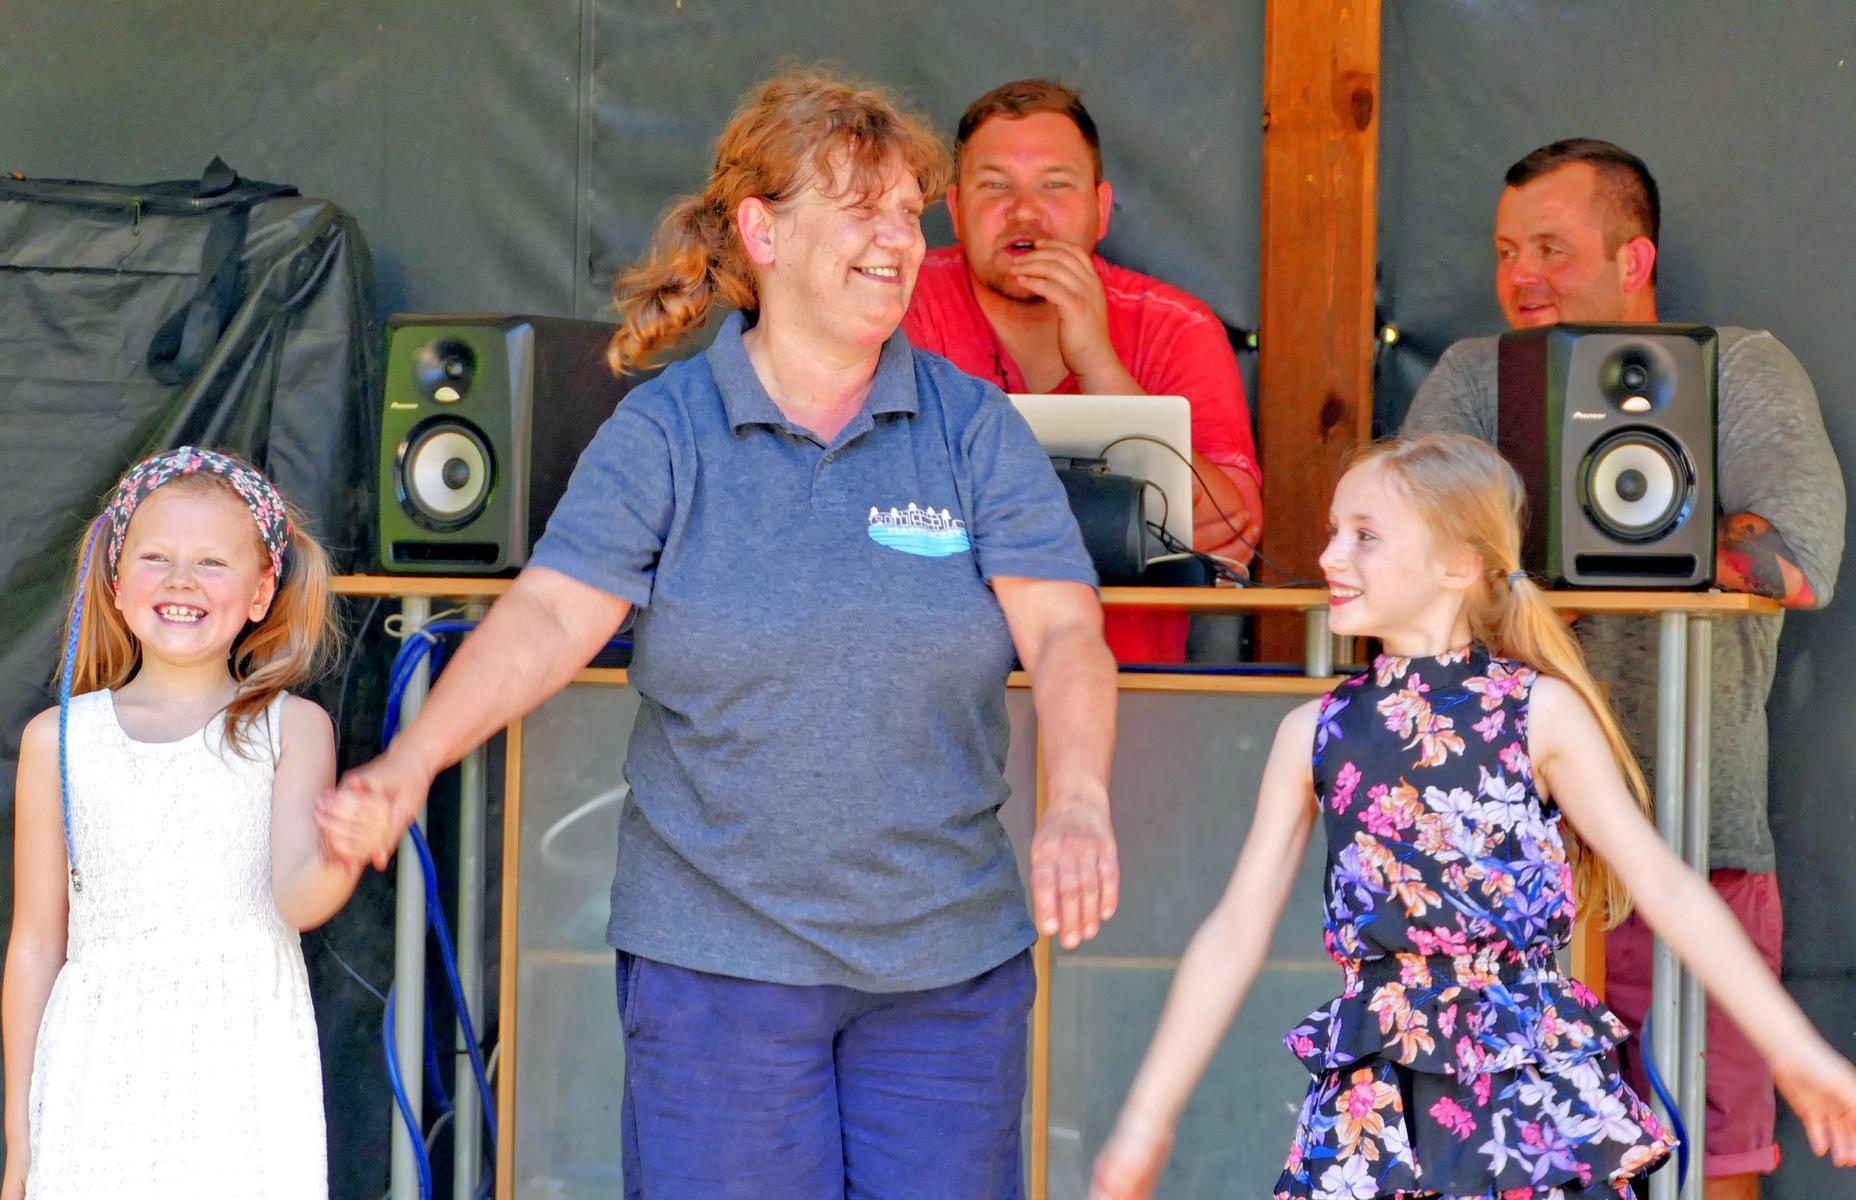 Die Plattenwirtin begrüßt zusammen mit den beiden Vortänzerinnen die Gäste.